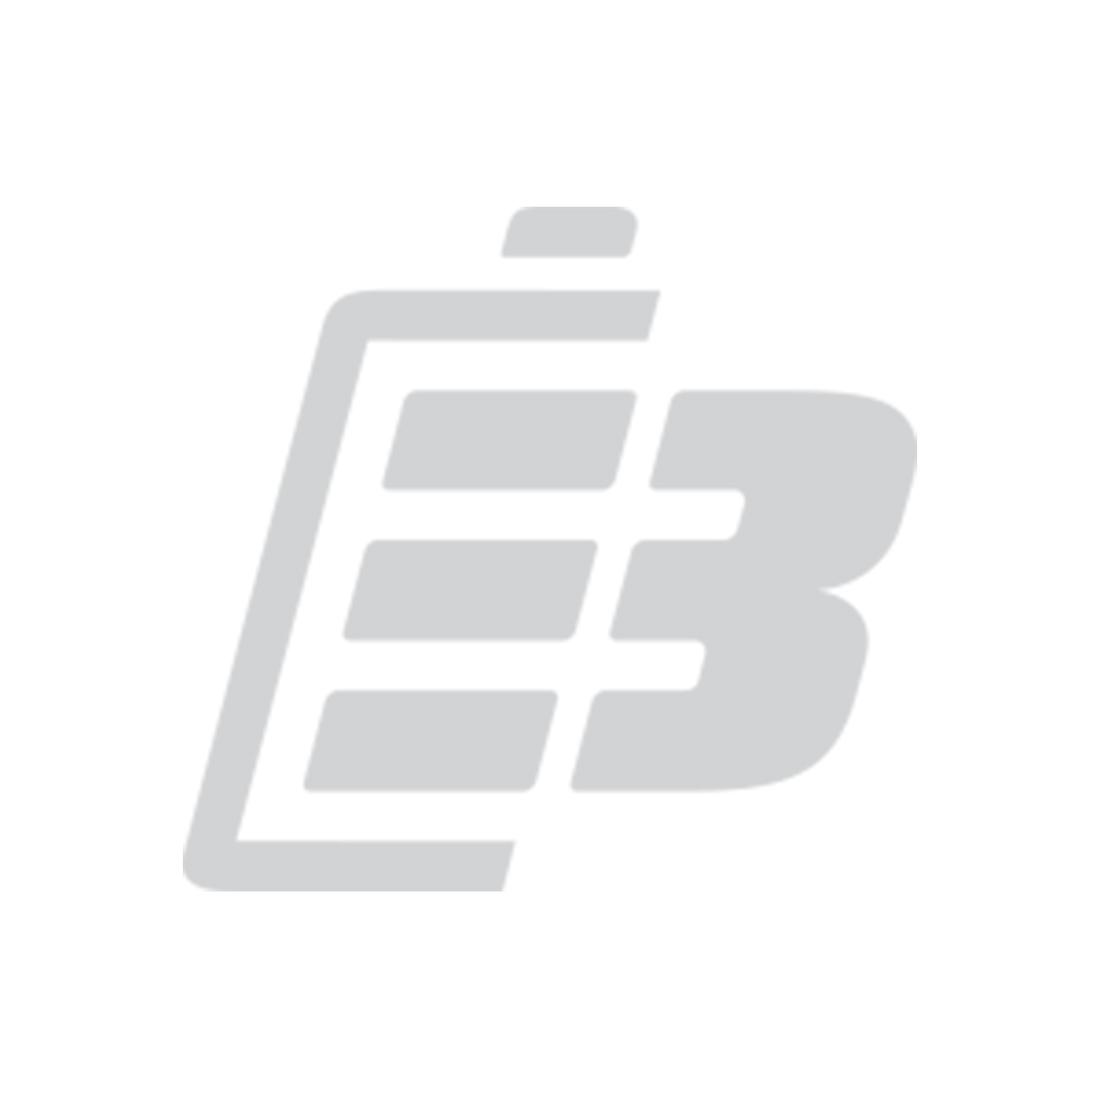 Μπαταρία PDA Eten glofiish M500_1